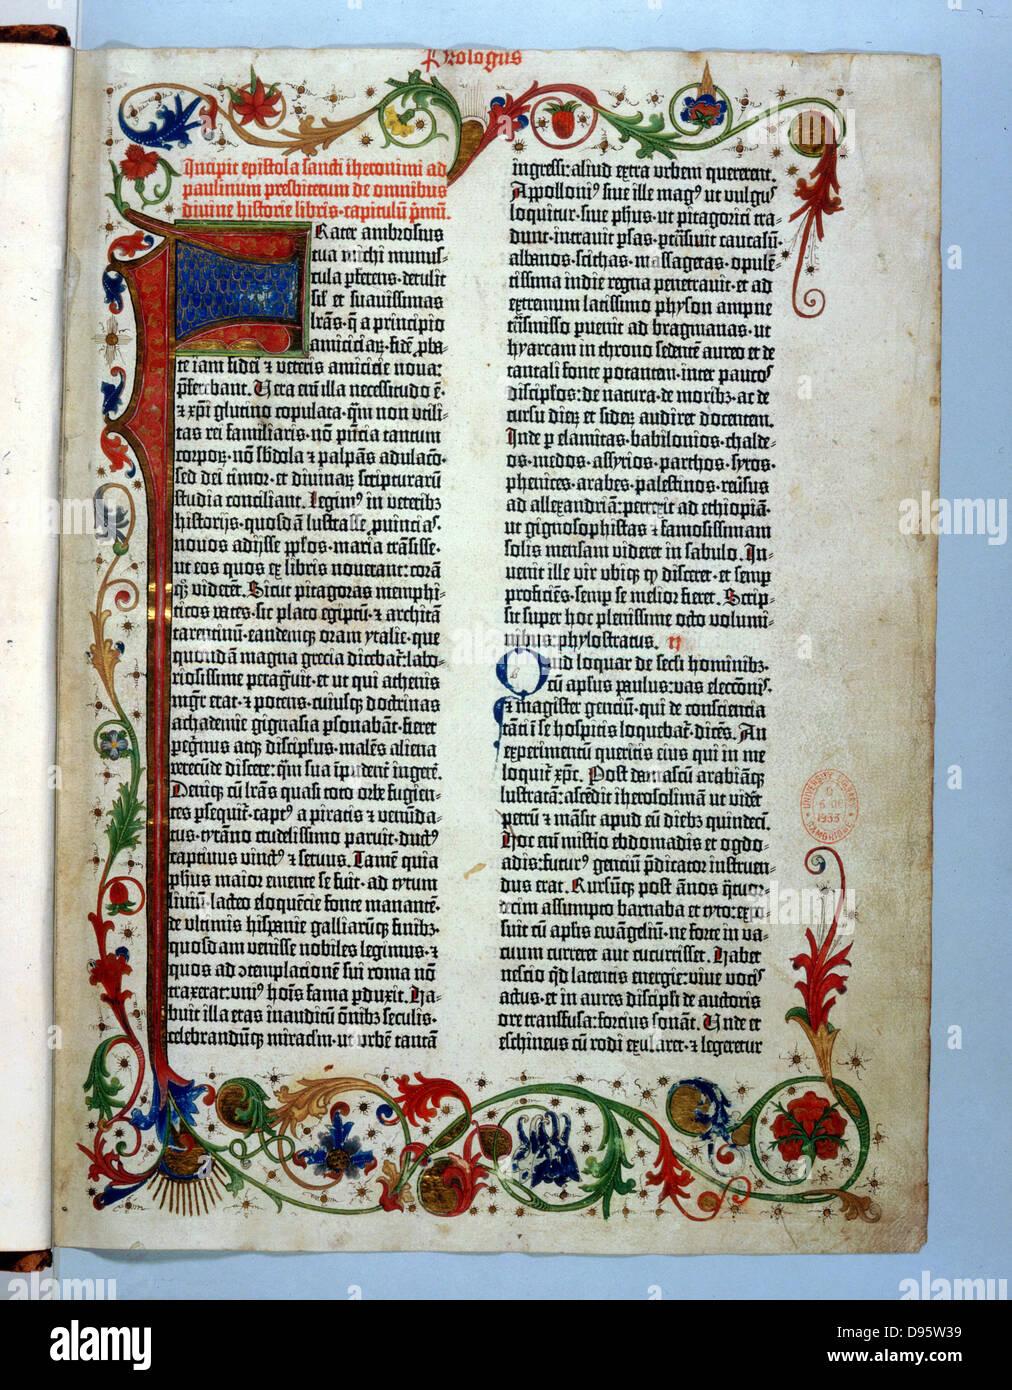 """Pagina di """"bibbia"""" stampata da Gutenberg, 1456. Confine illuminato tipica di un manoscritto. Immagini Stock"""